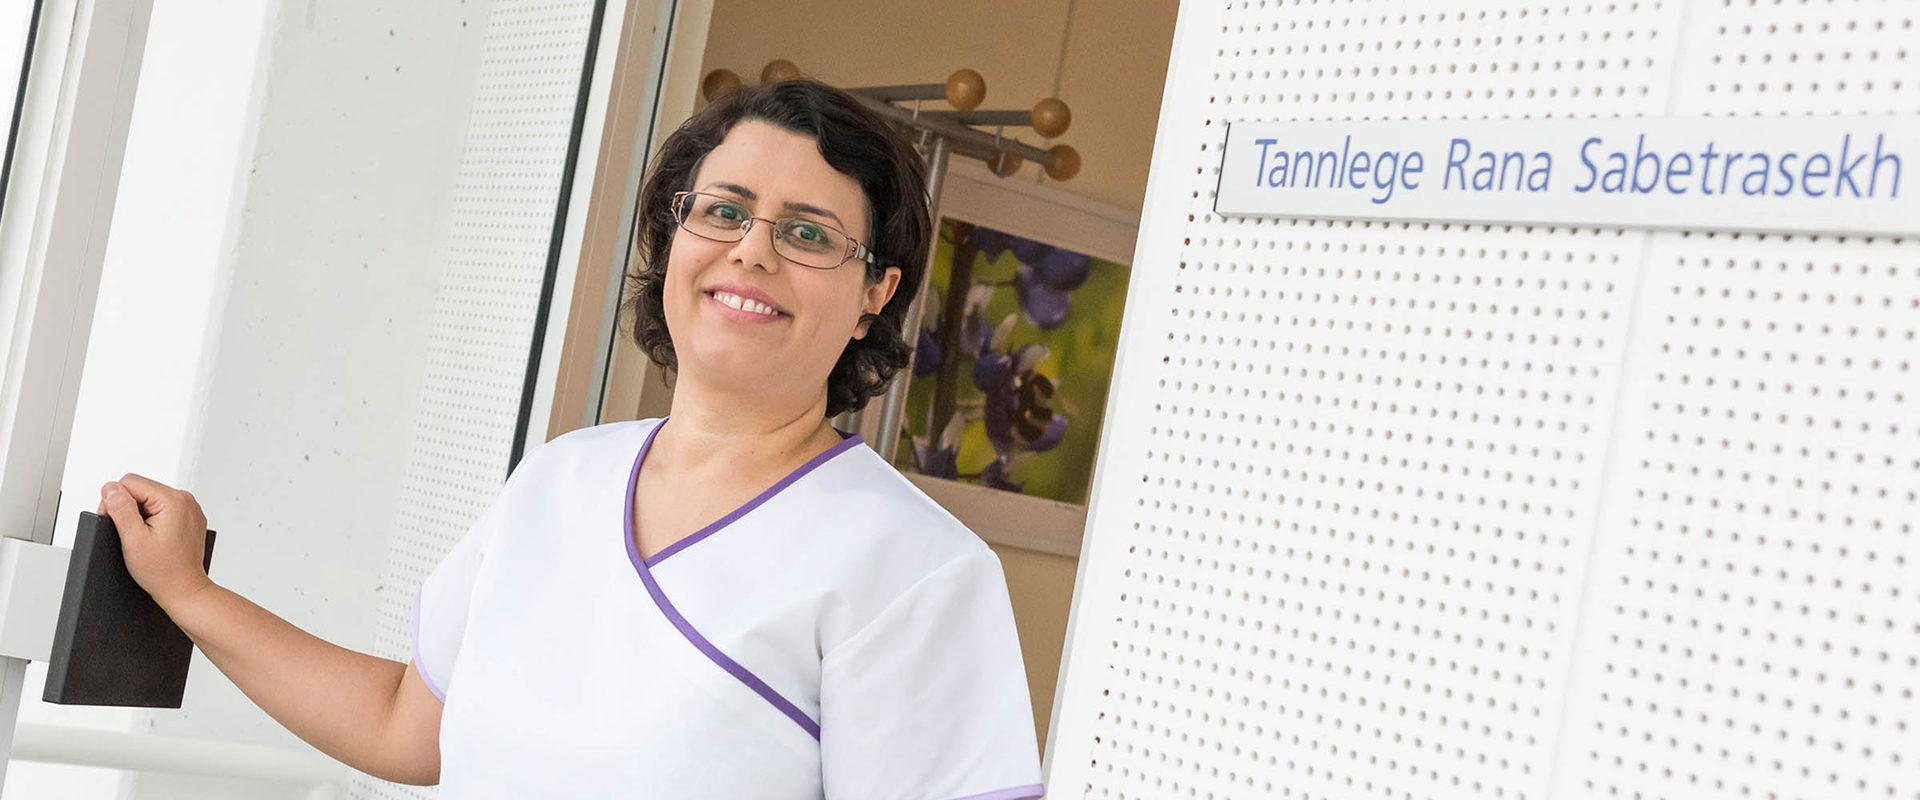 Tannlege Rana i døråpningen inn til klinikken.